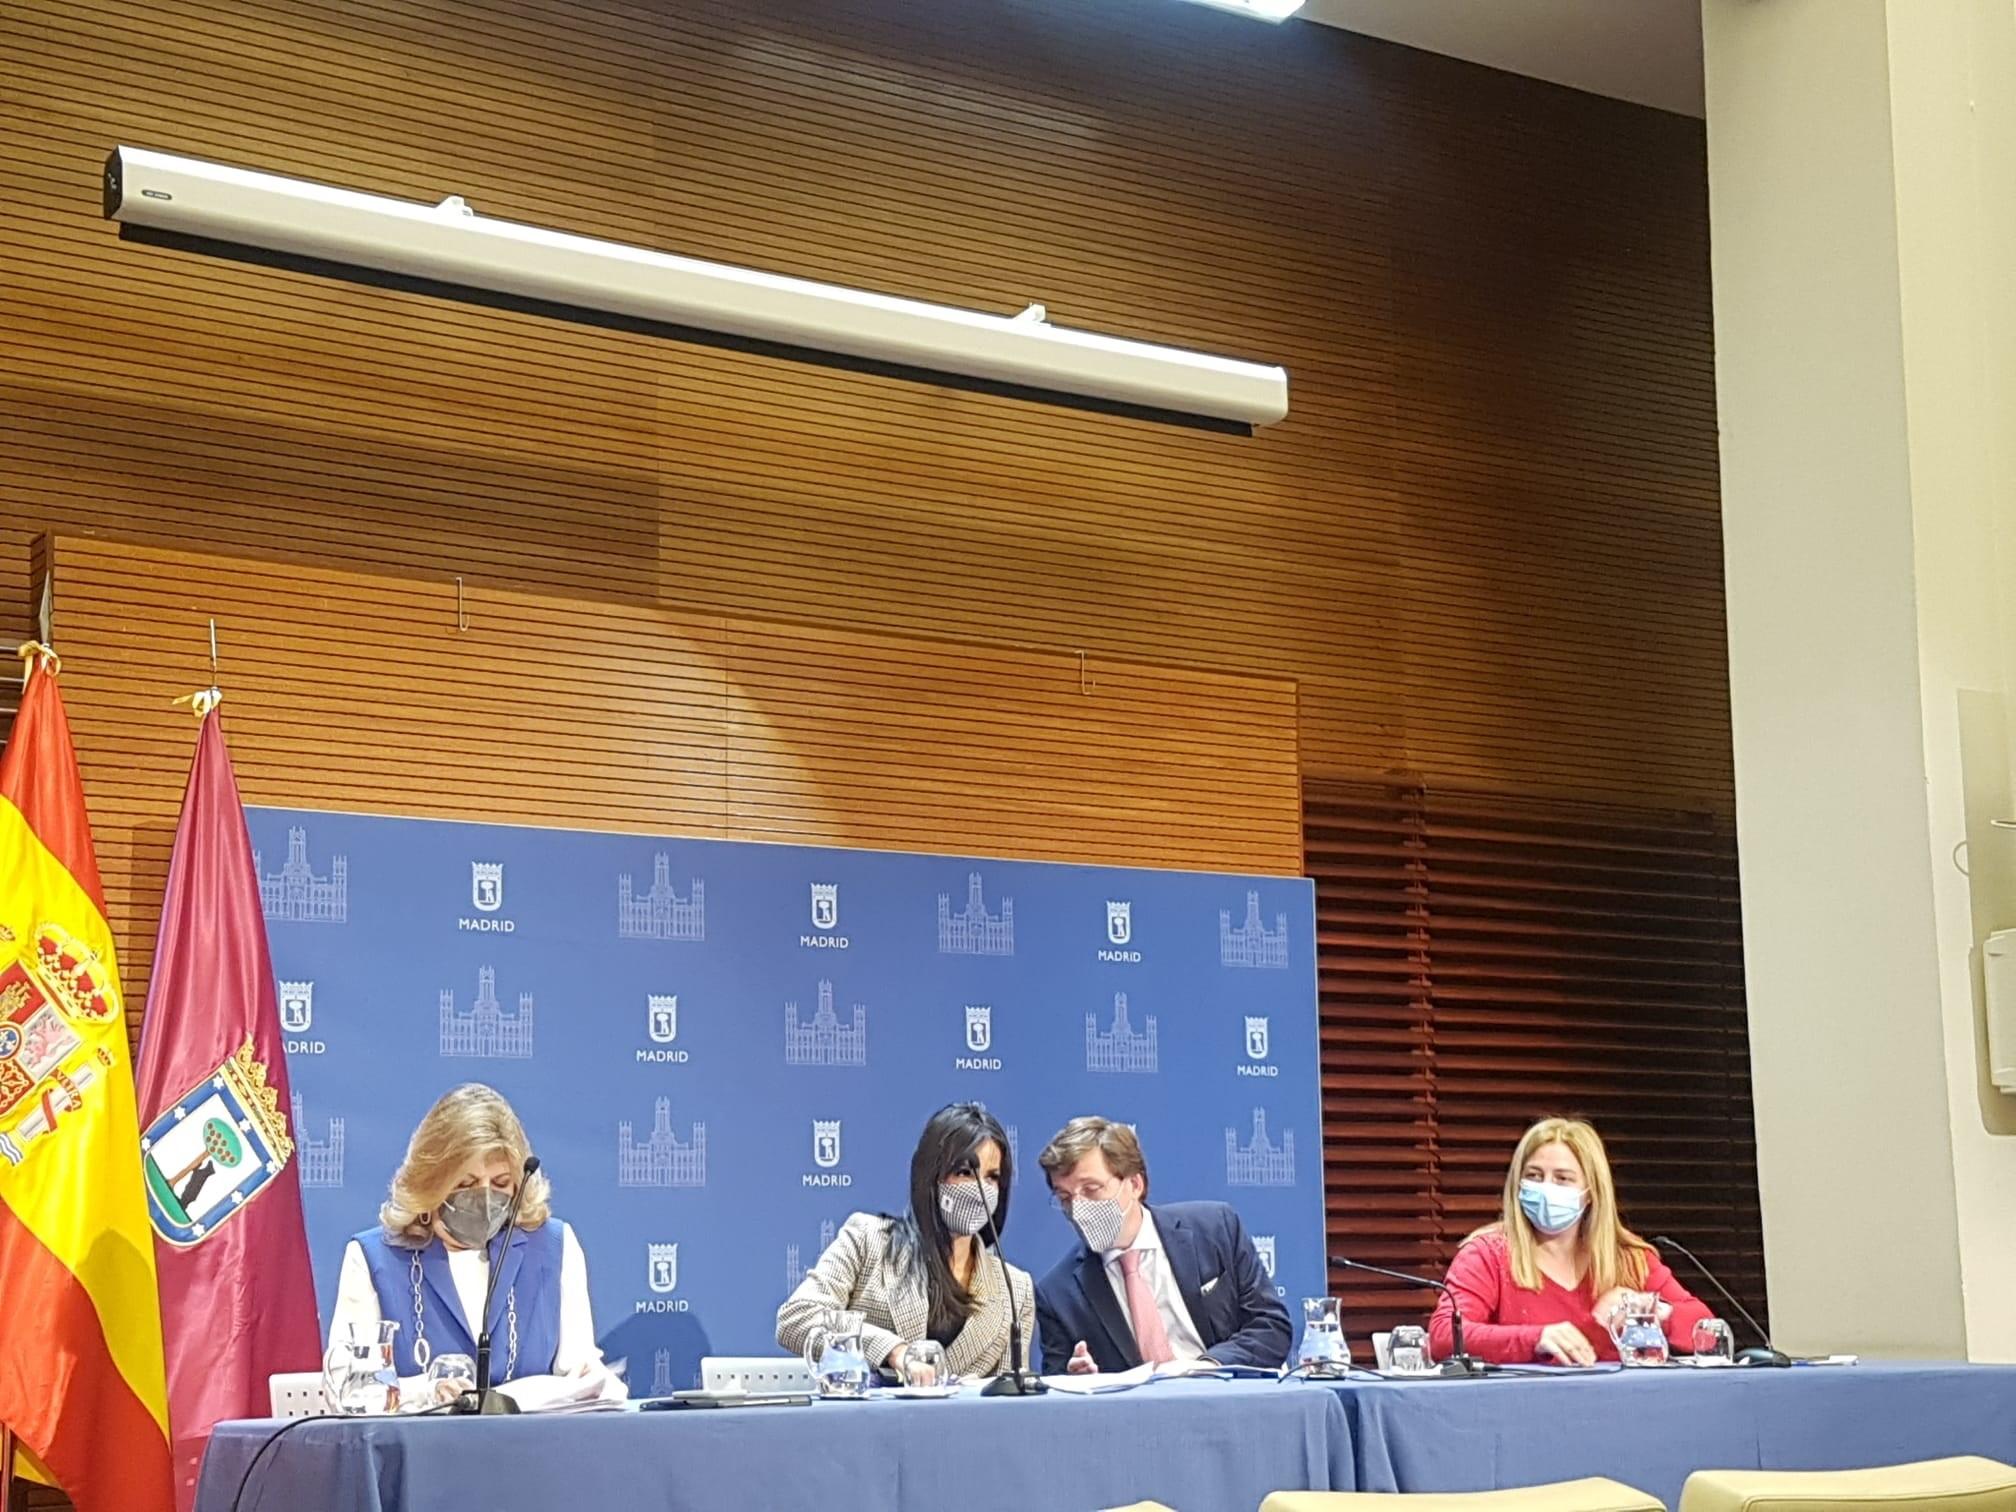 El alcalde de Madrid, José Luis Martínez-Almeida, preside la reunión de la Junta de Gobierno extraordinaria de la ciudad de Madr